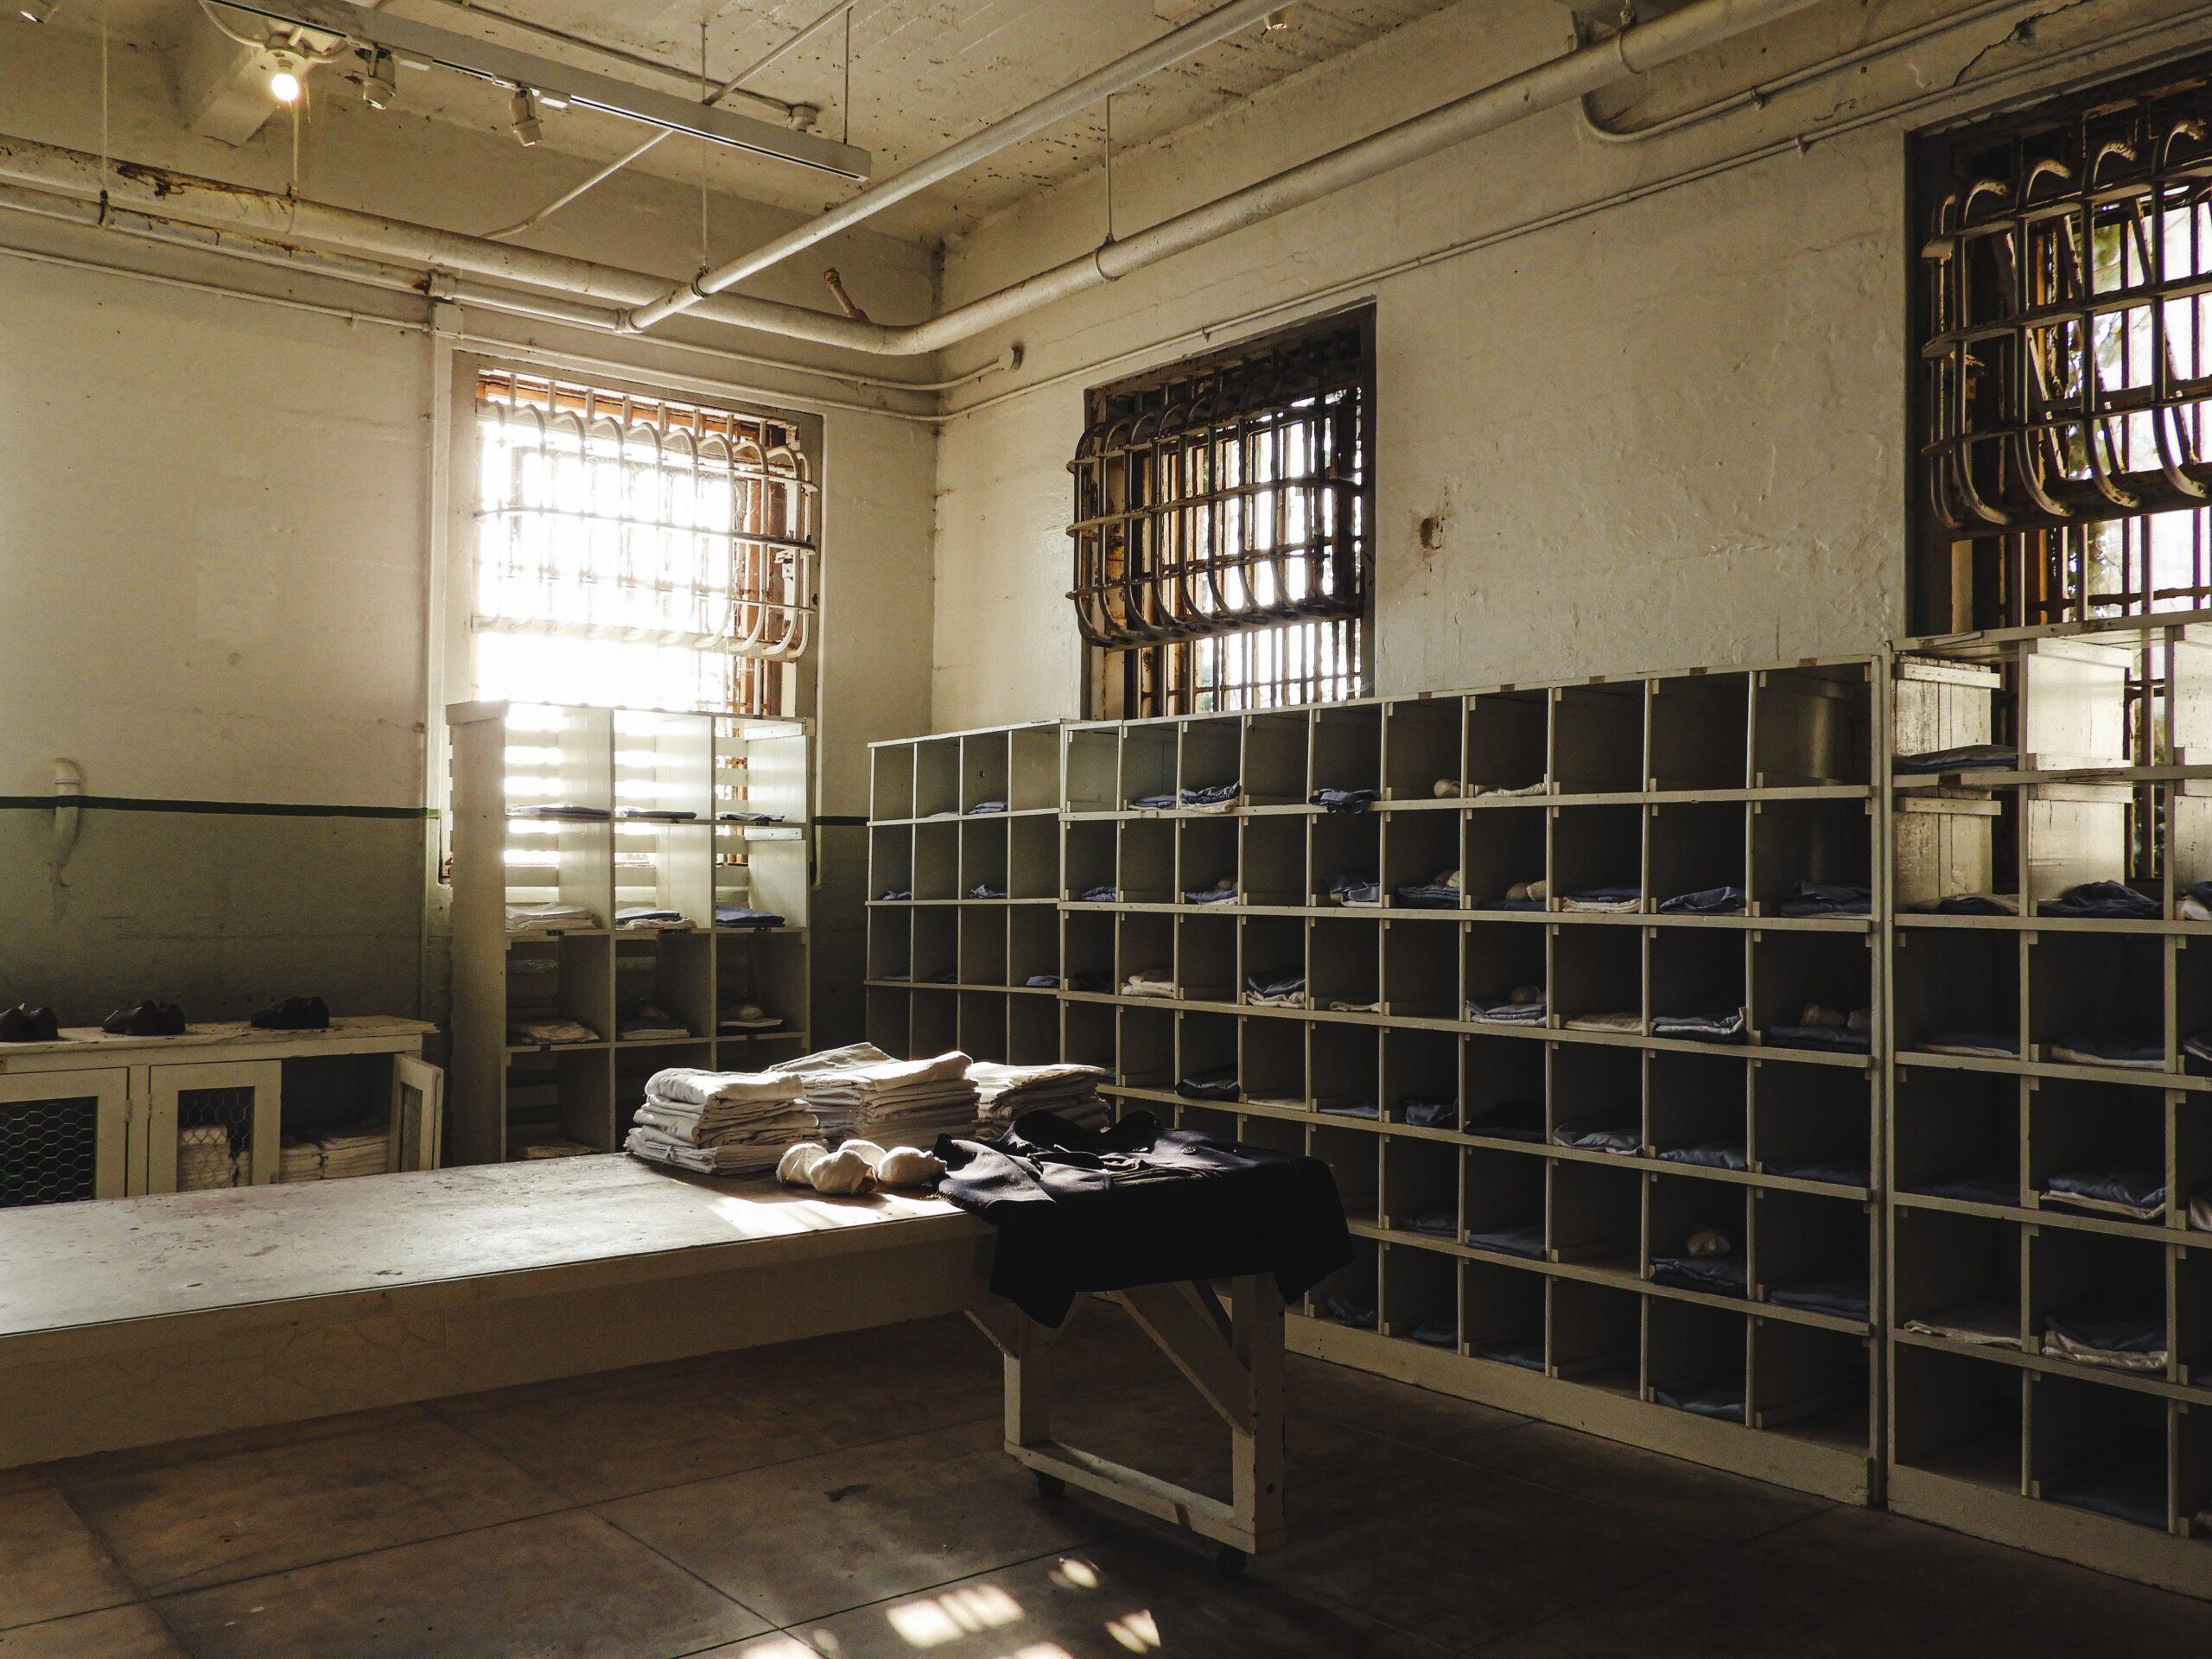 Organizacja czasu wolnego w zakładzie karnym